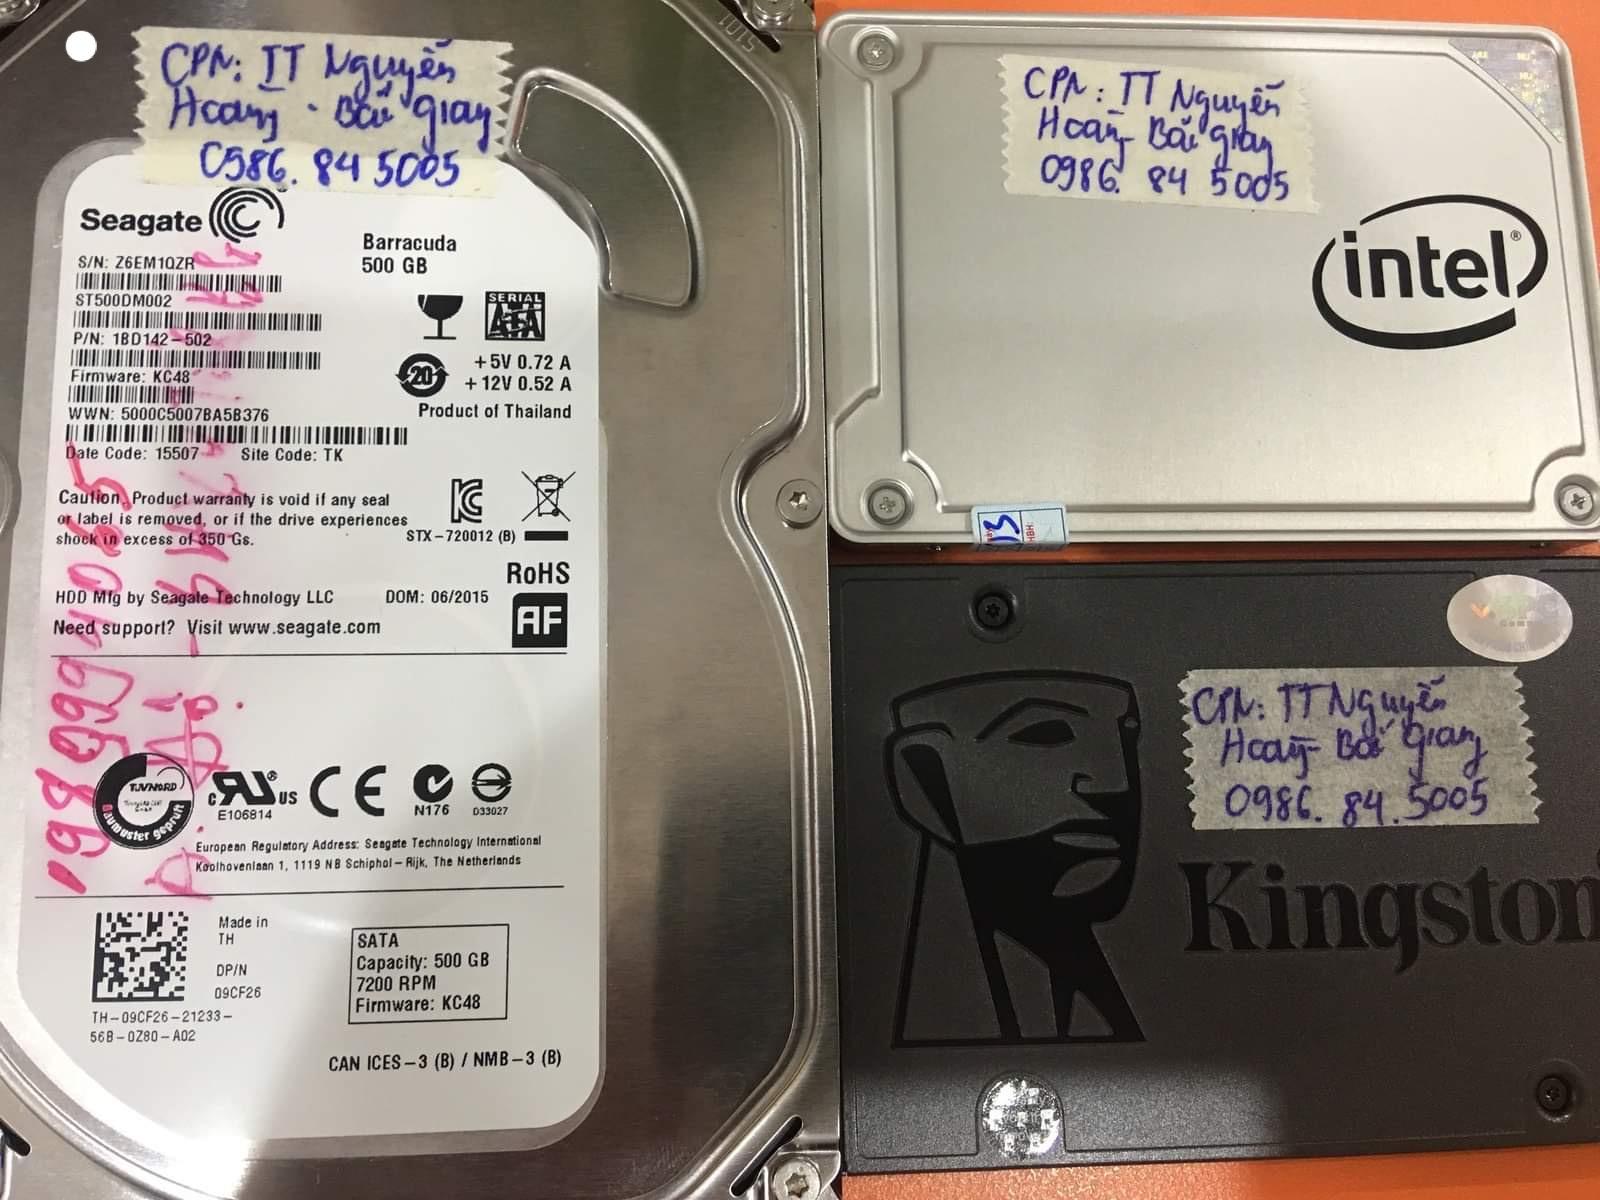 Cứu dữ liệu ổ cứng Seagate 500GB đầu đọc kém tại Bắc Giang 03/08/2020 - cuumaytinh